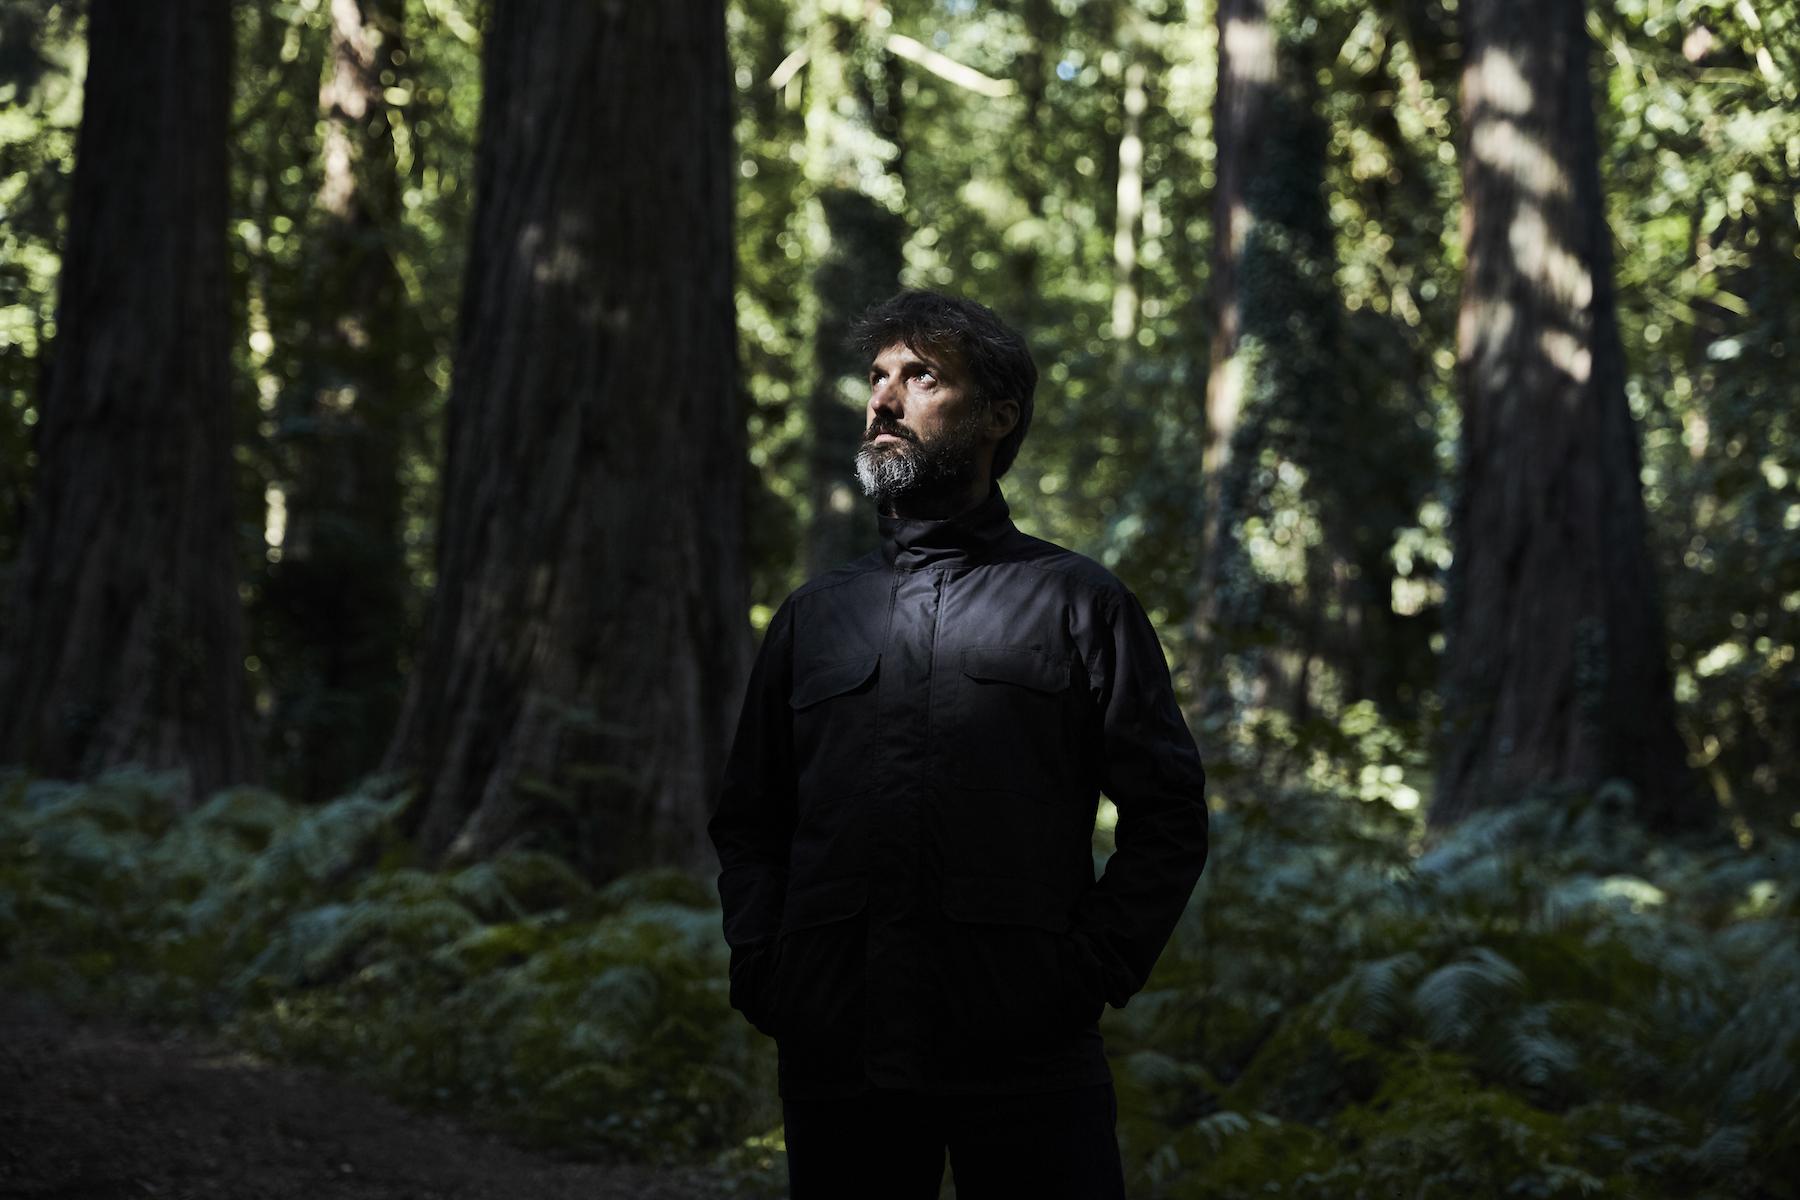 Frahm Jacket Nick Hussey forest